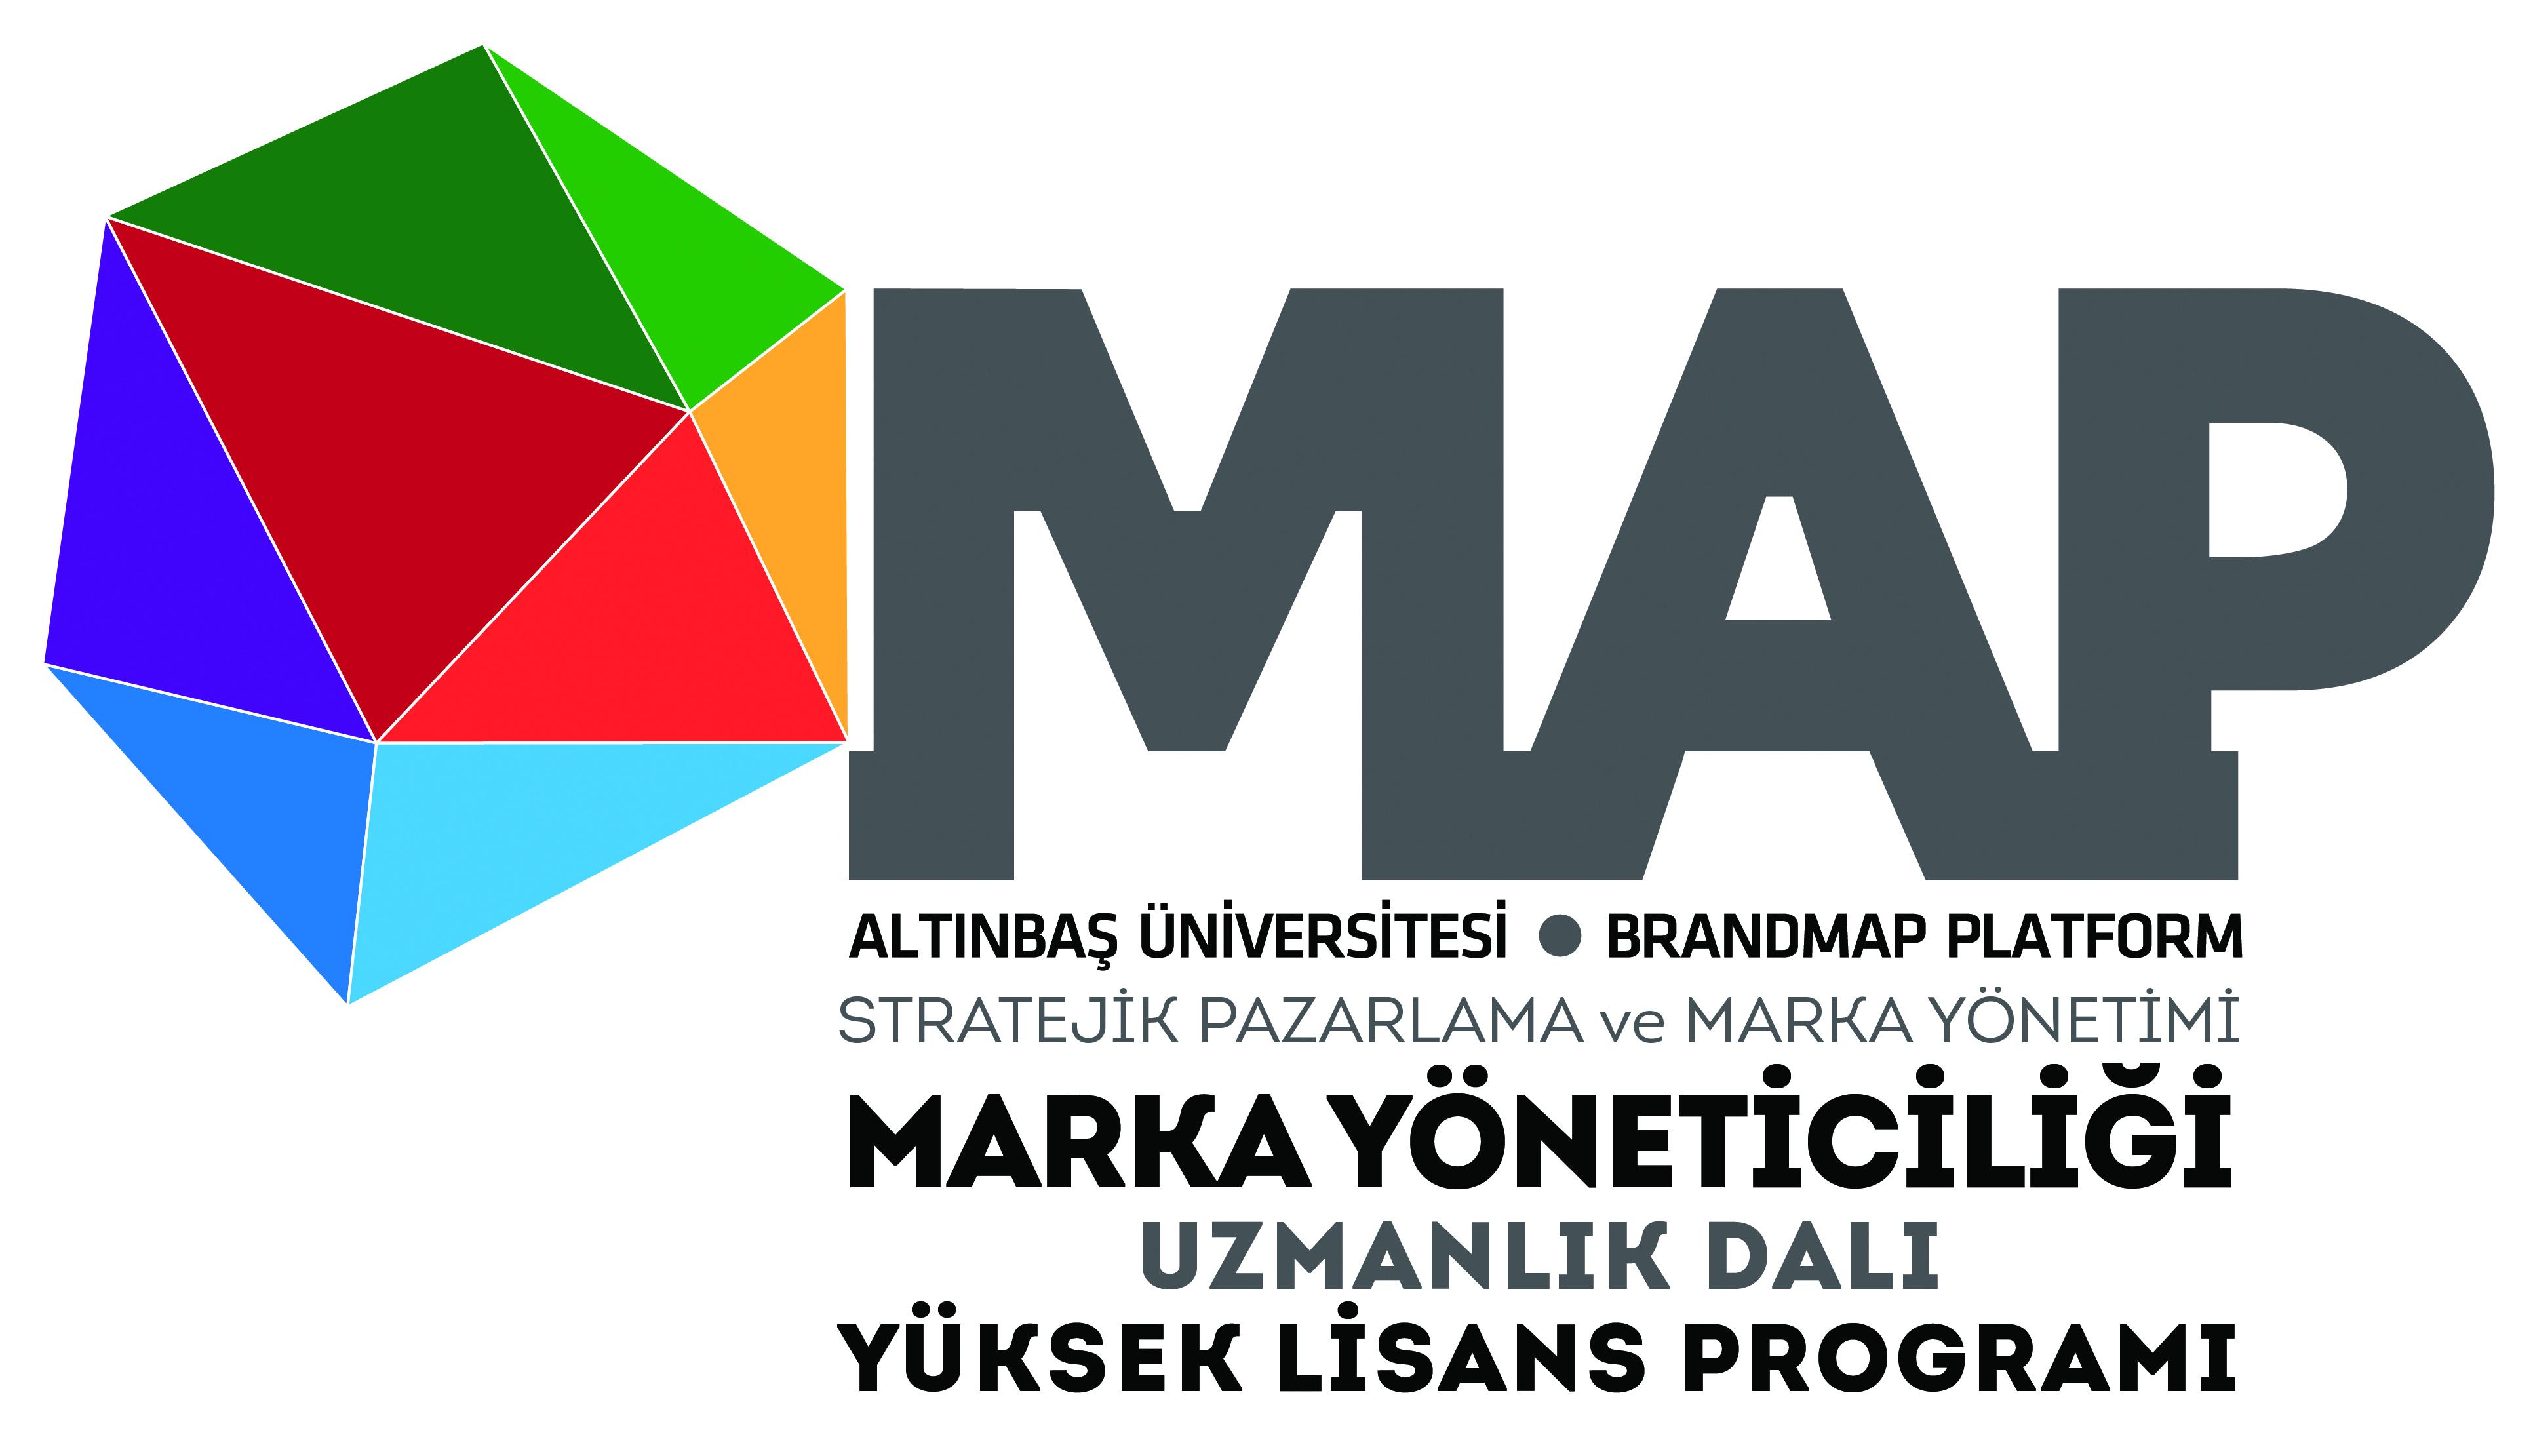 BrandMap ve Altınbaş Üniversitesi'nden Marka Yöneticiliği Yüksek Lisans Programı